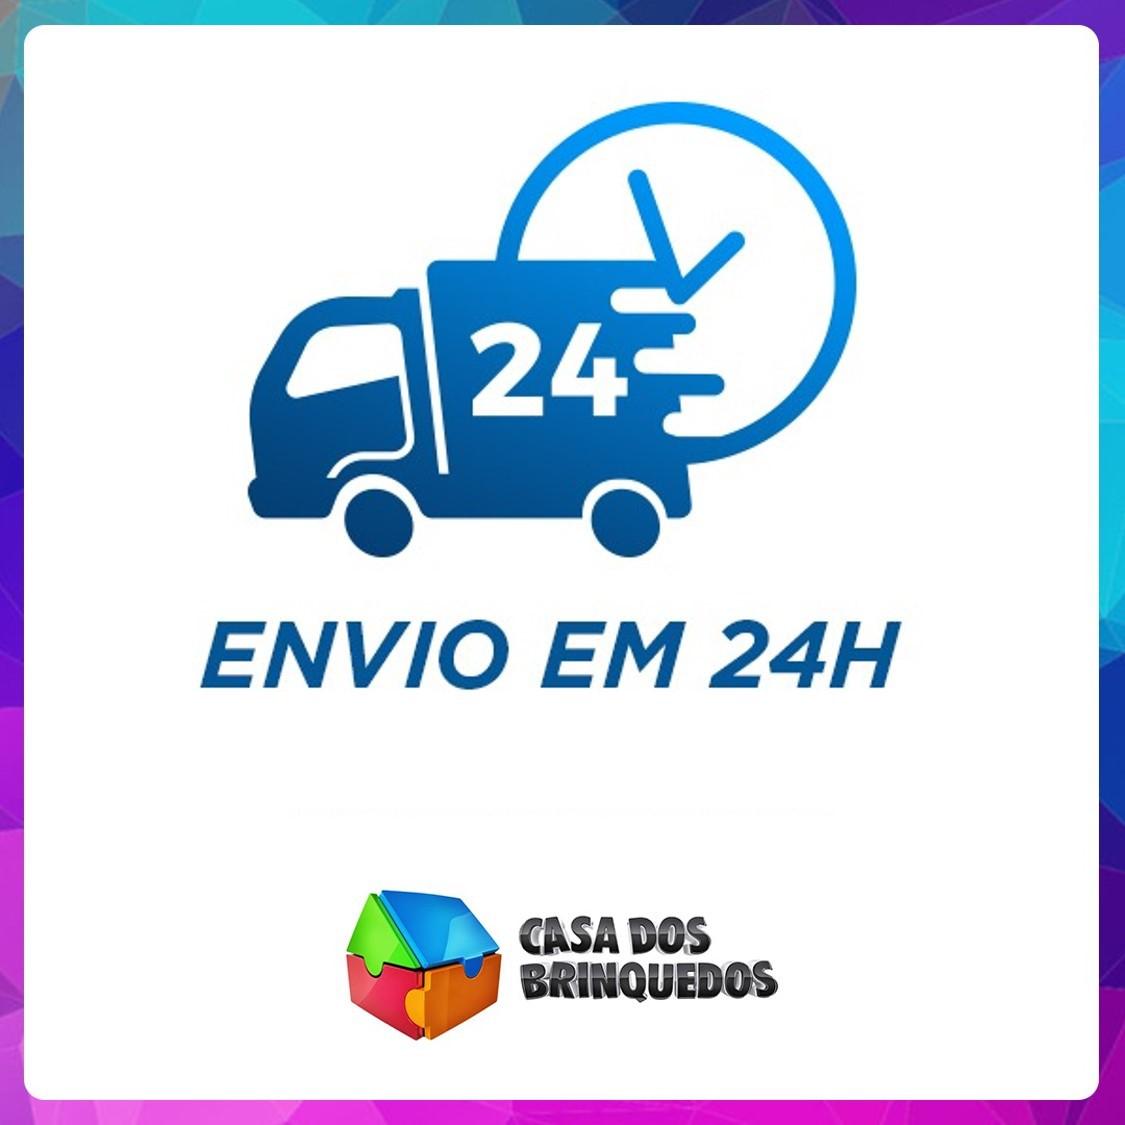 PIÃO BEYBLADE HYPERSPHERE ZONE LÚINOR L5 E7535 HASBRO